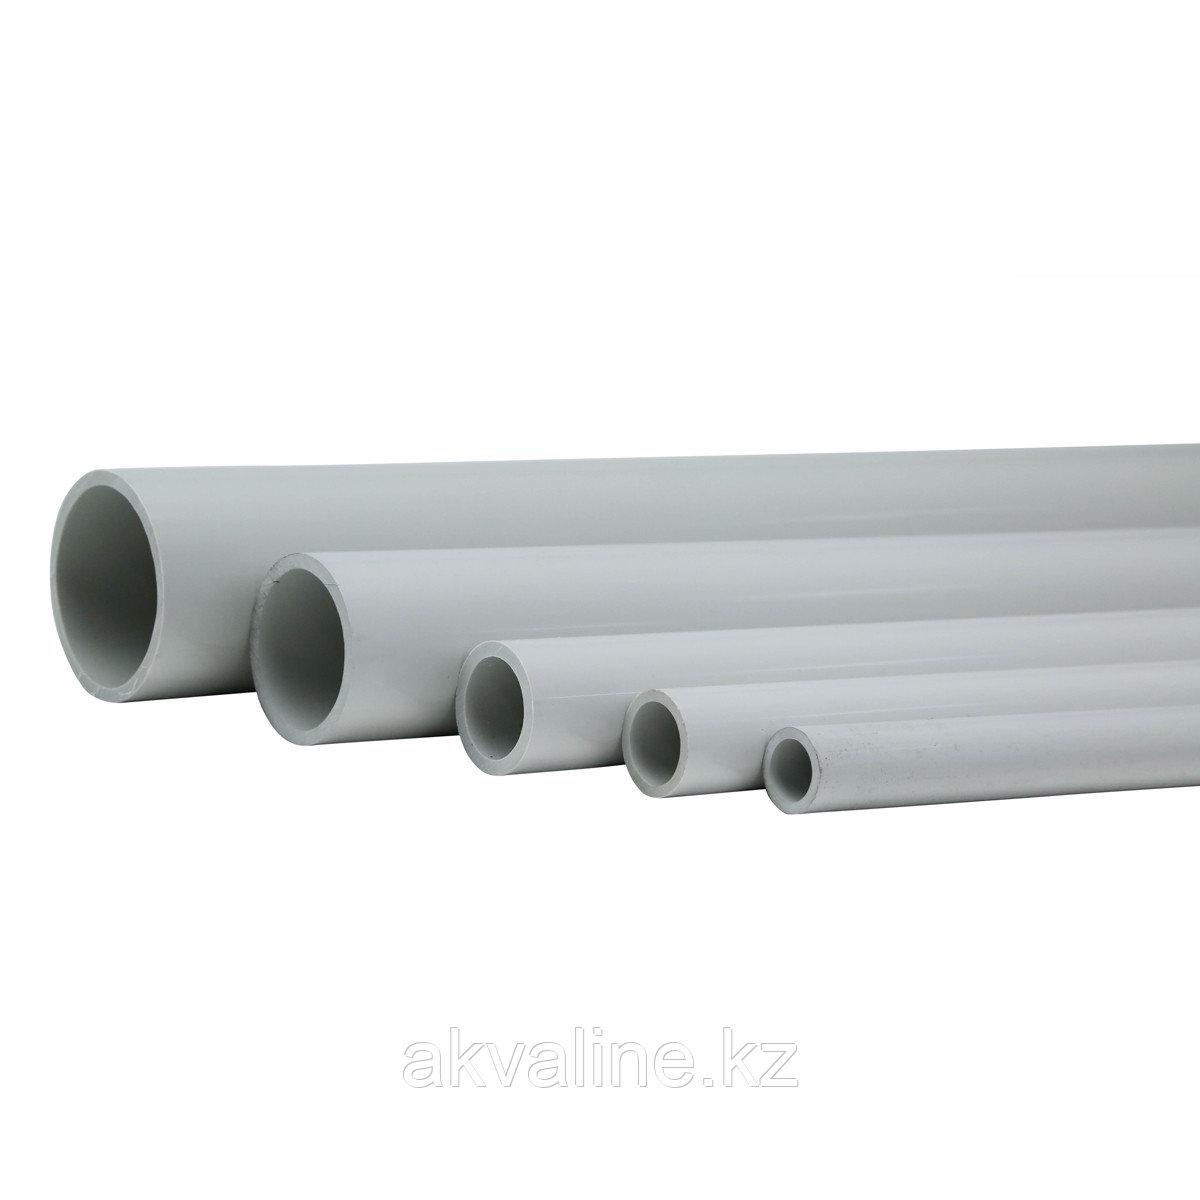 Труба водопроводная Wavin Ekoplastik S 2,5 PN 20 STR020P20X